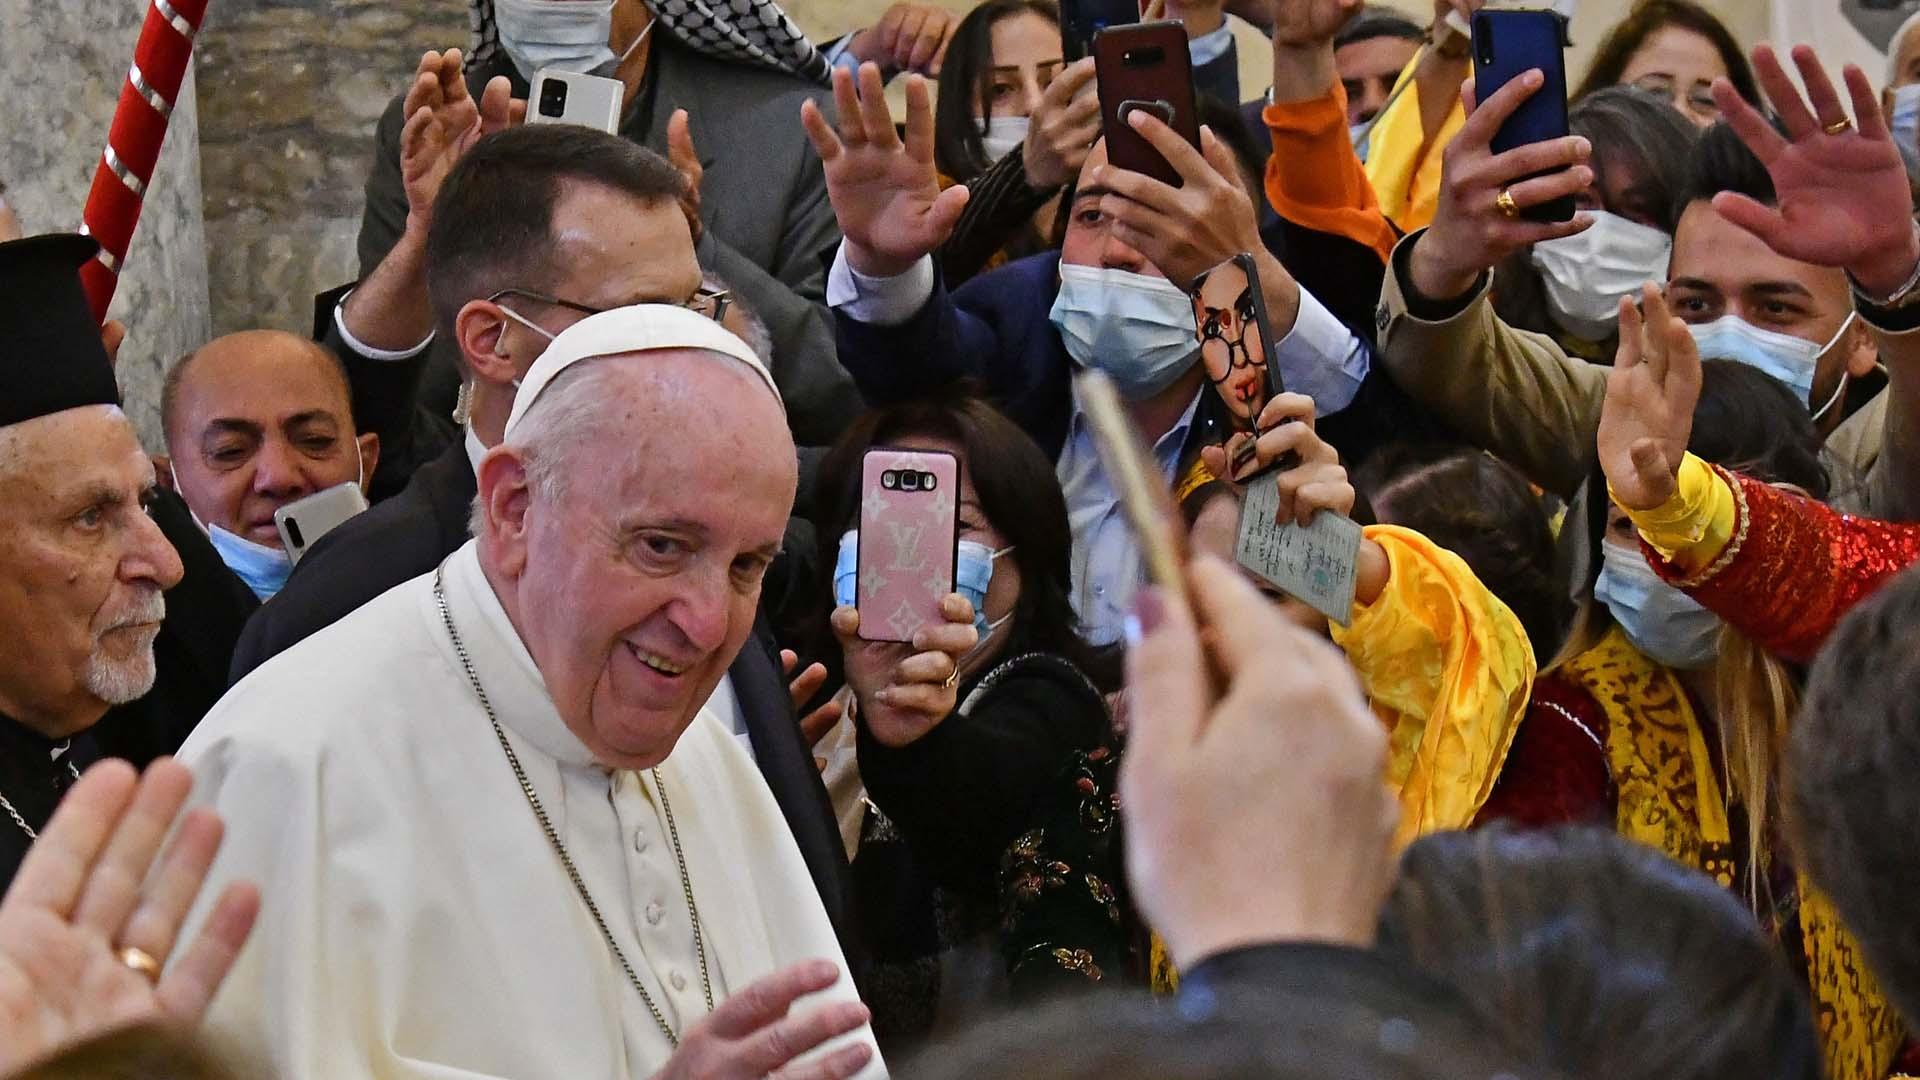 이라크 방문 교황, 모술 찾아 '평화공존' 호소